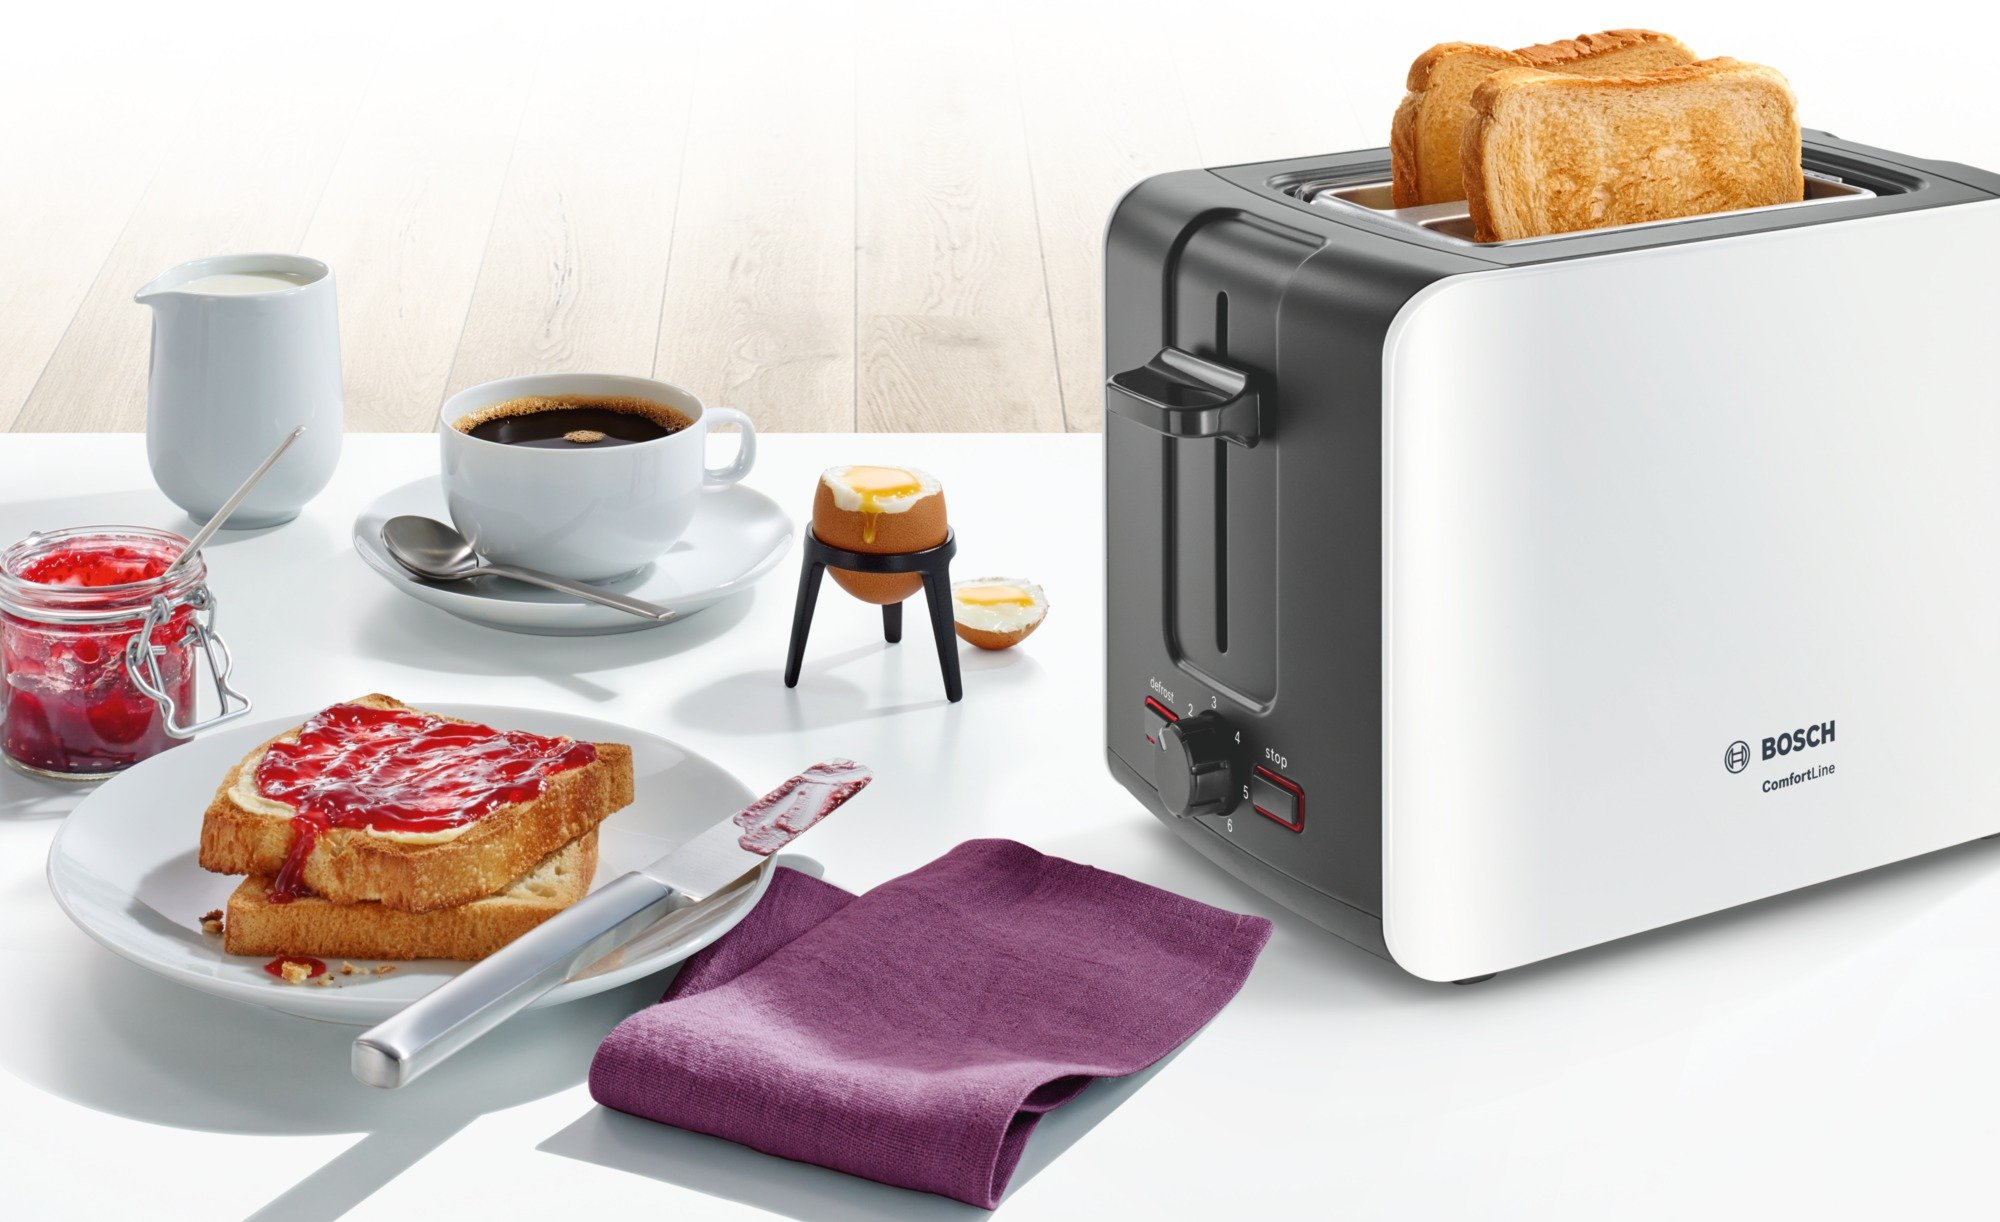 Bosch-TAT6A111-Kompakt-Toaster-ComfortLine-automatische-Brotzentrierung-Auftaufunktion-1090-W-weidunkelgrau